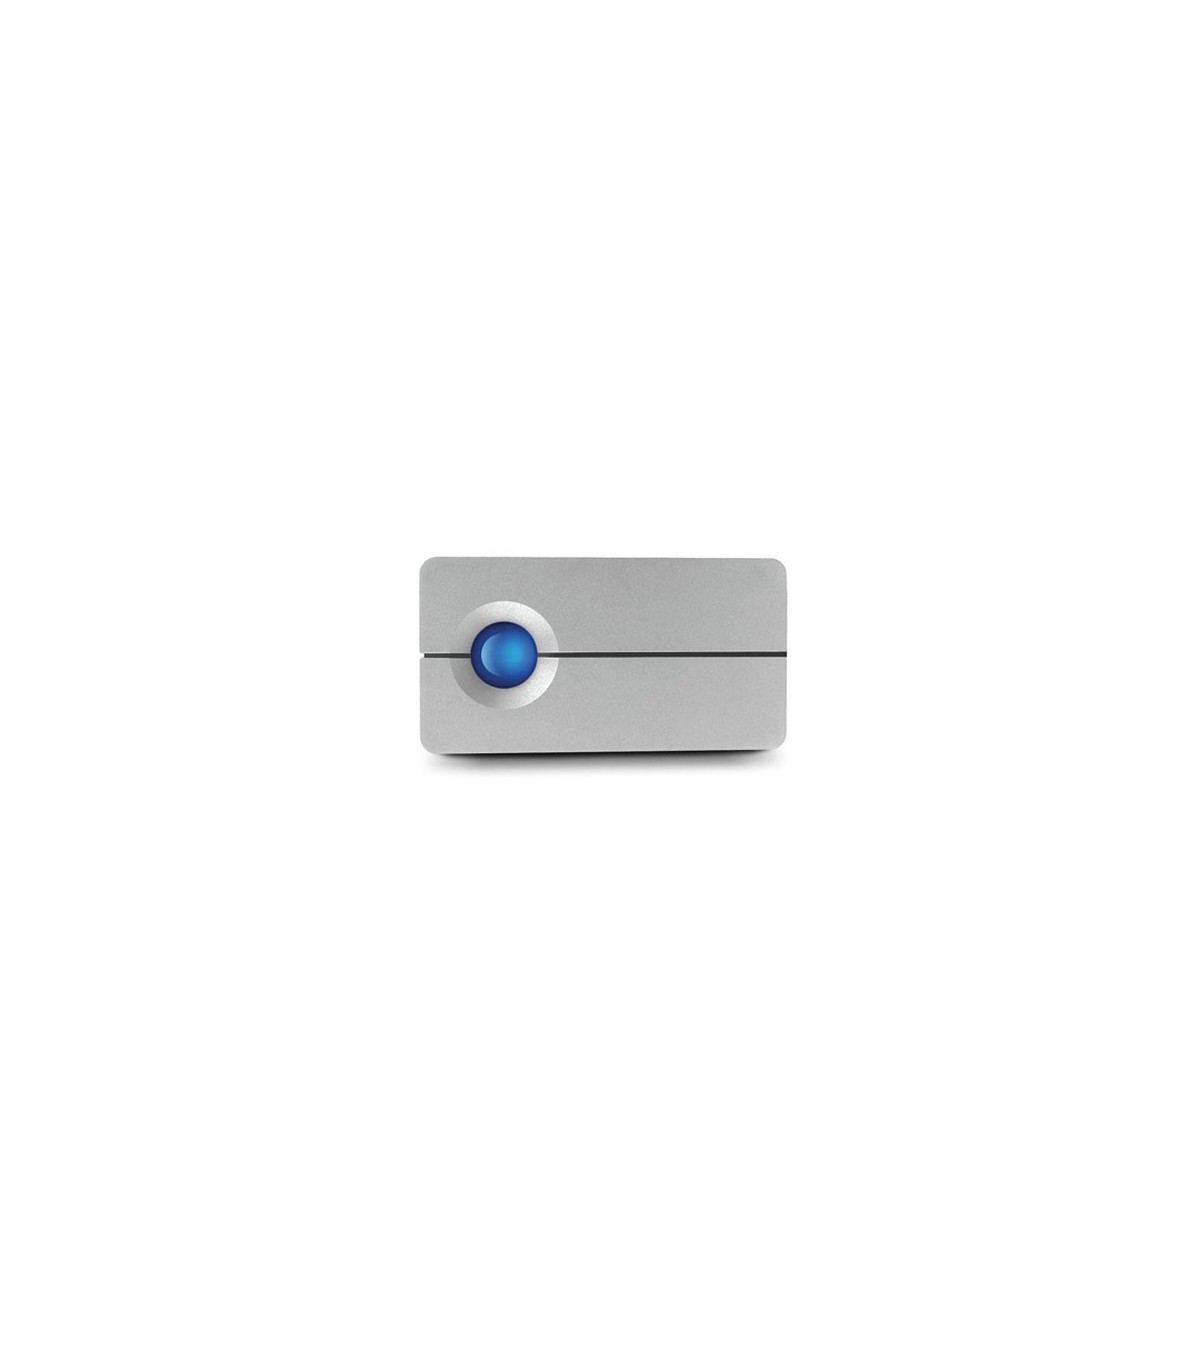 هارد اکسترنال LaCie 2big Quadra – 6TB